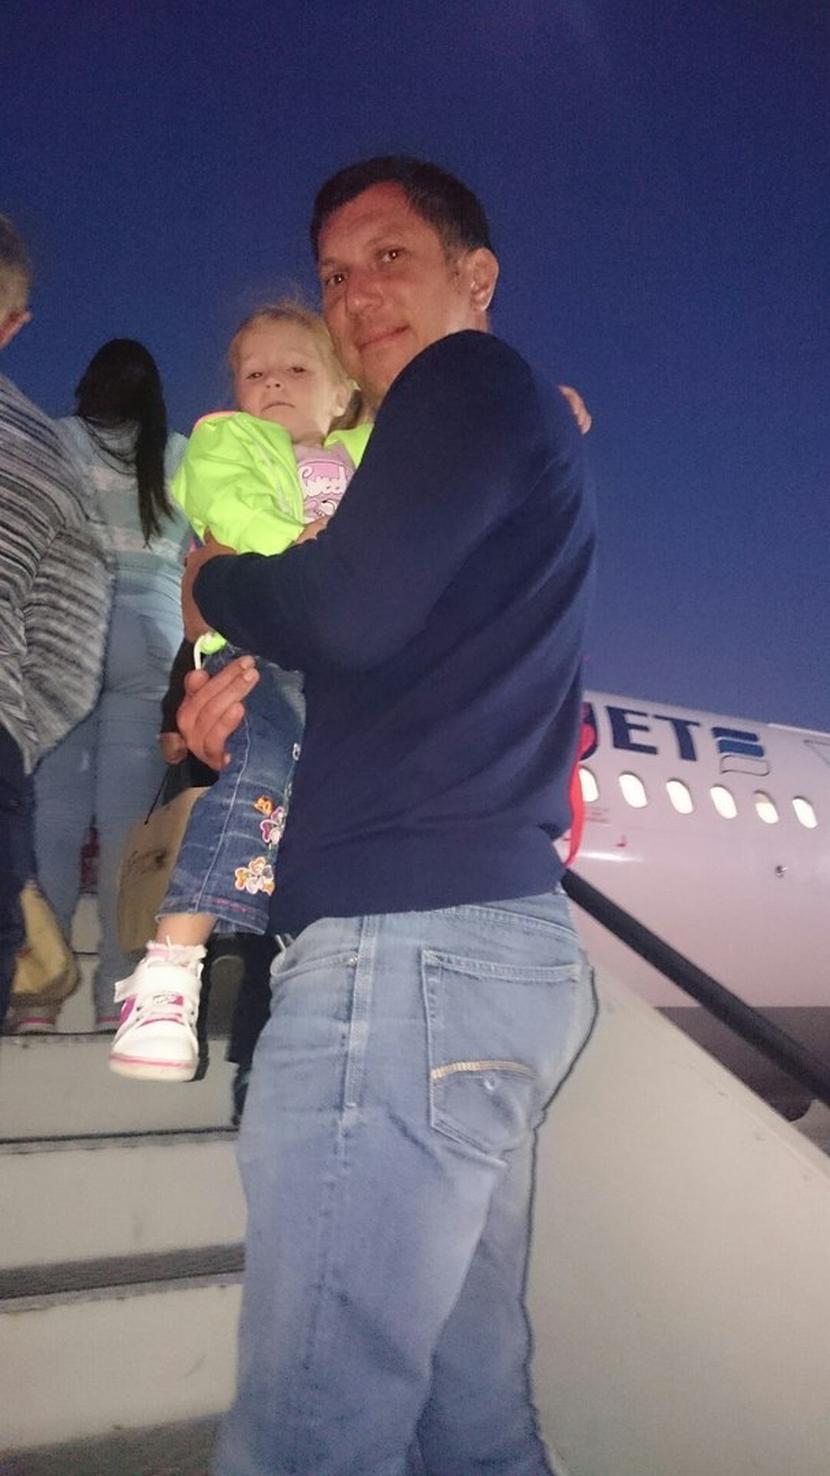 своем увлечении последние фото самолета перед крушением в египте что близнец шептал